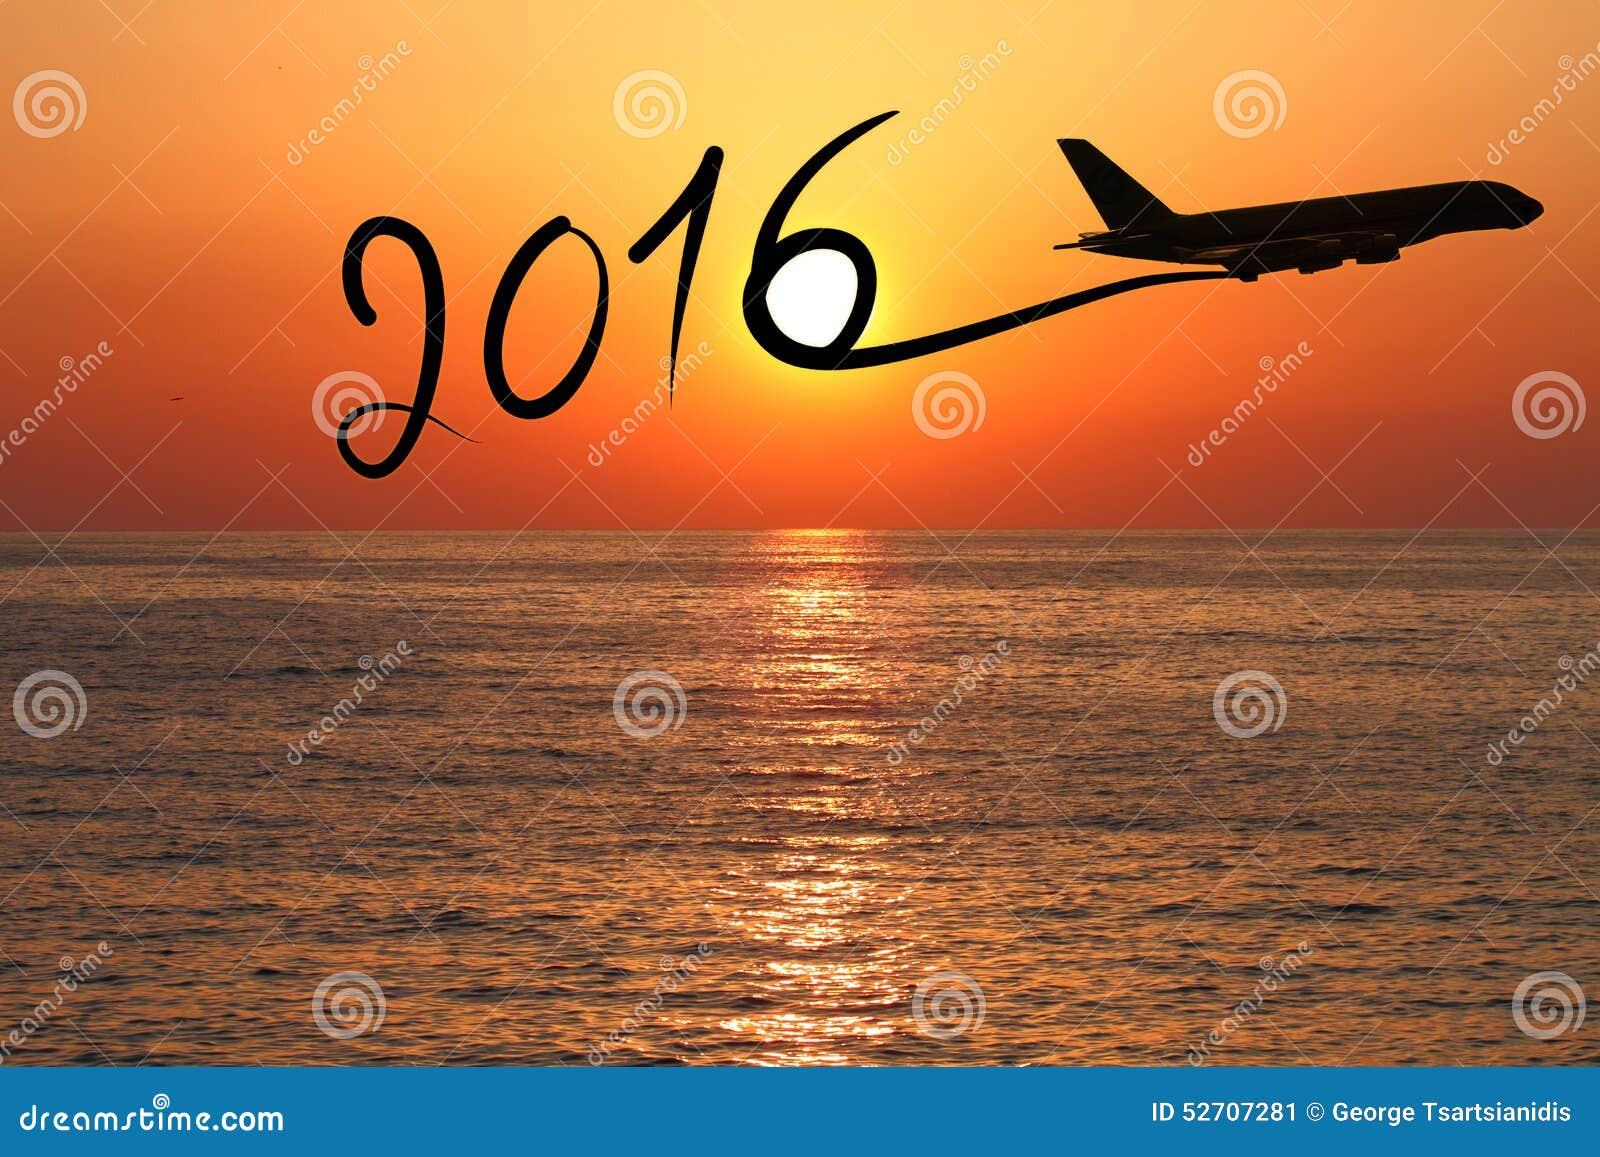 New year 2016 stock photo image 58693644 - Neues Jahr 2016 Das Mit Dem Flugzeug Zeichnet Stockbild